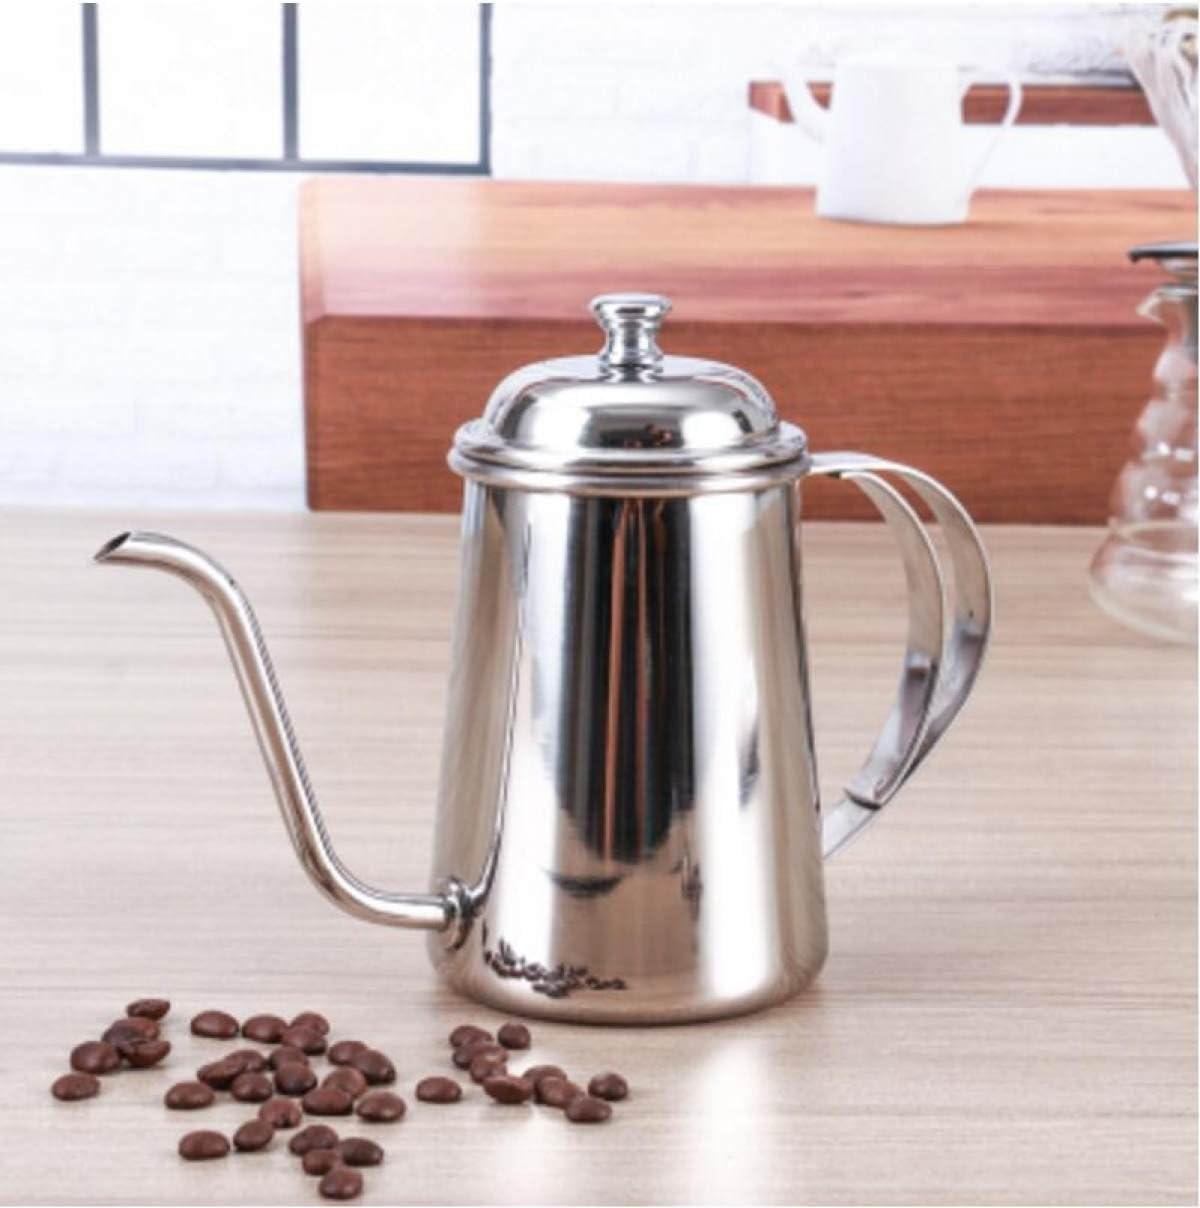 GERMER Golpe De Mano Cafetera Espresso De Acero Inoxidable De 650 Ml,Silver: Amazon.es: Hogar